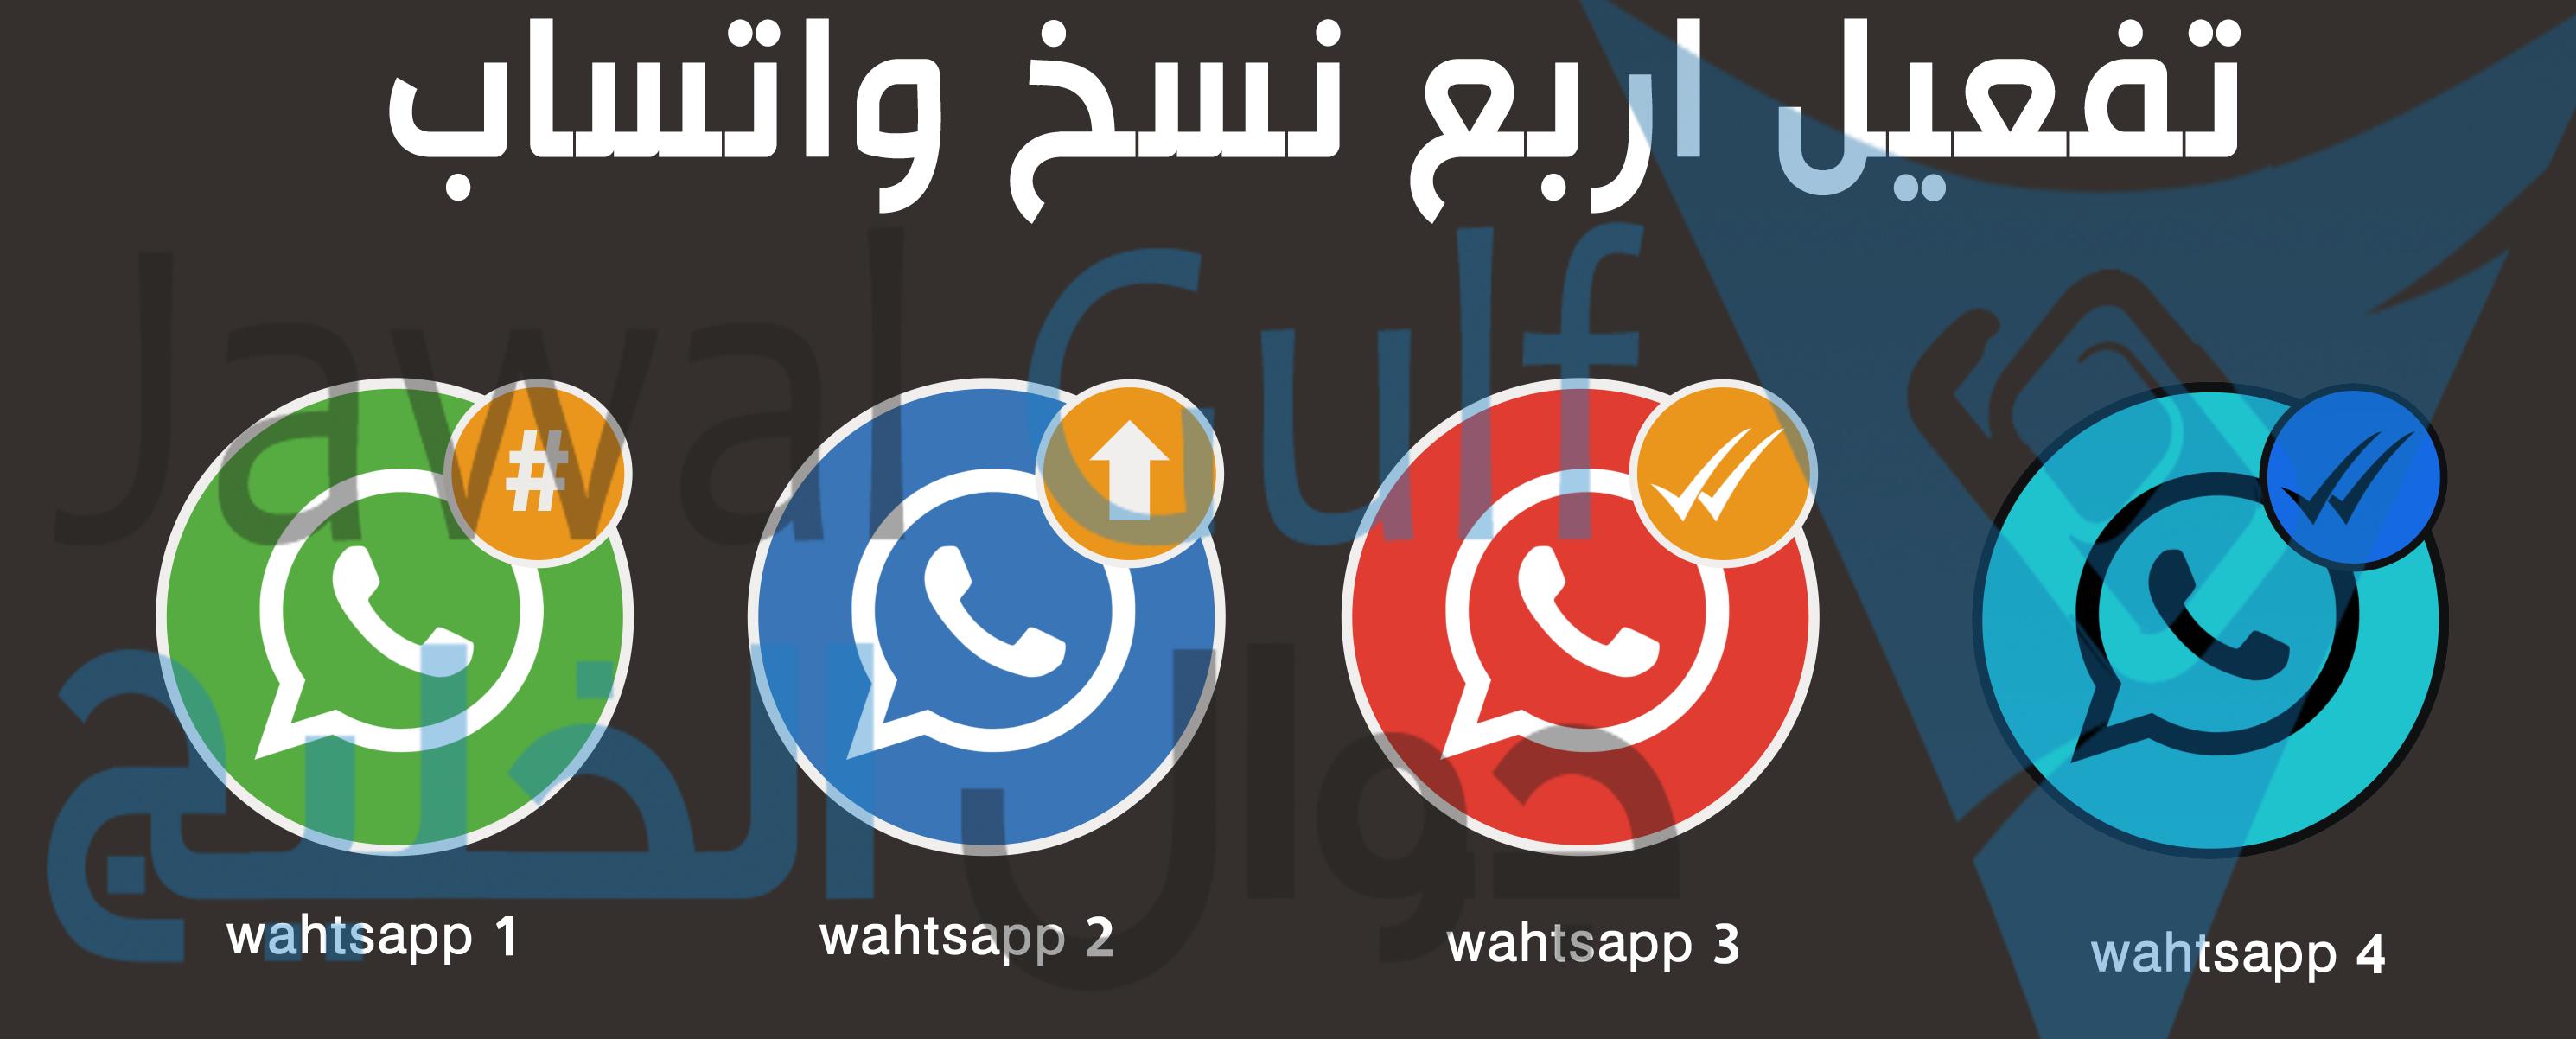 Photo of [تحديث] واتساب بلس whatsapp+ المعدل لتفعيل 4 ارقام على جهاز اندرويد